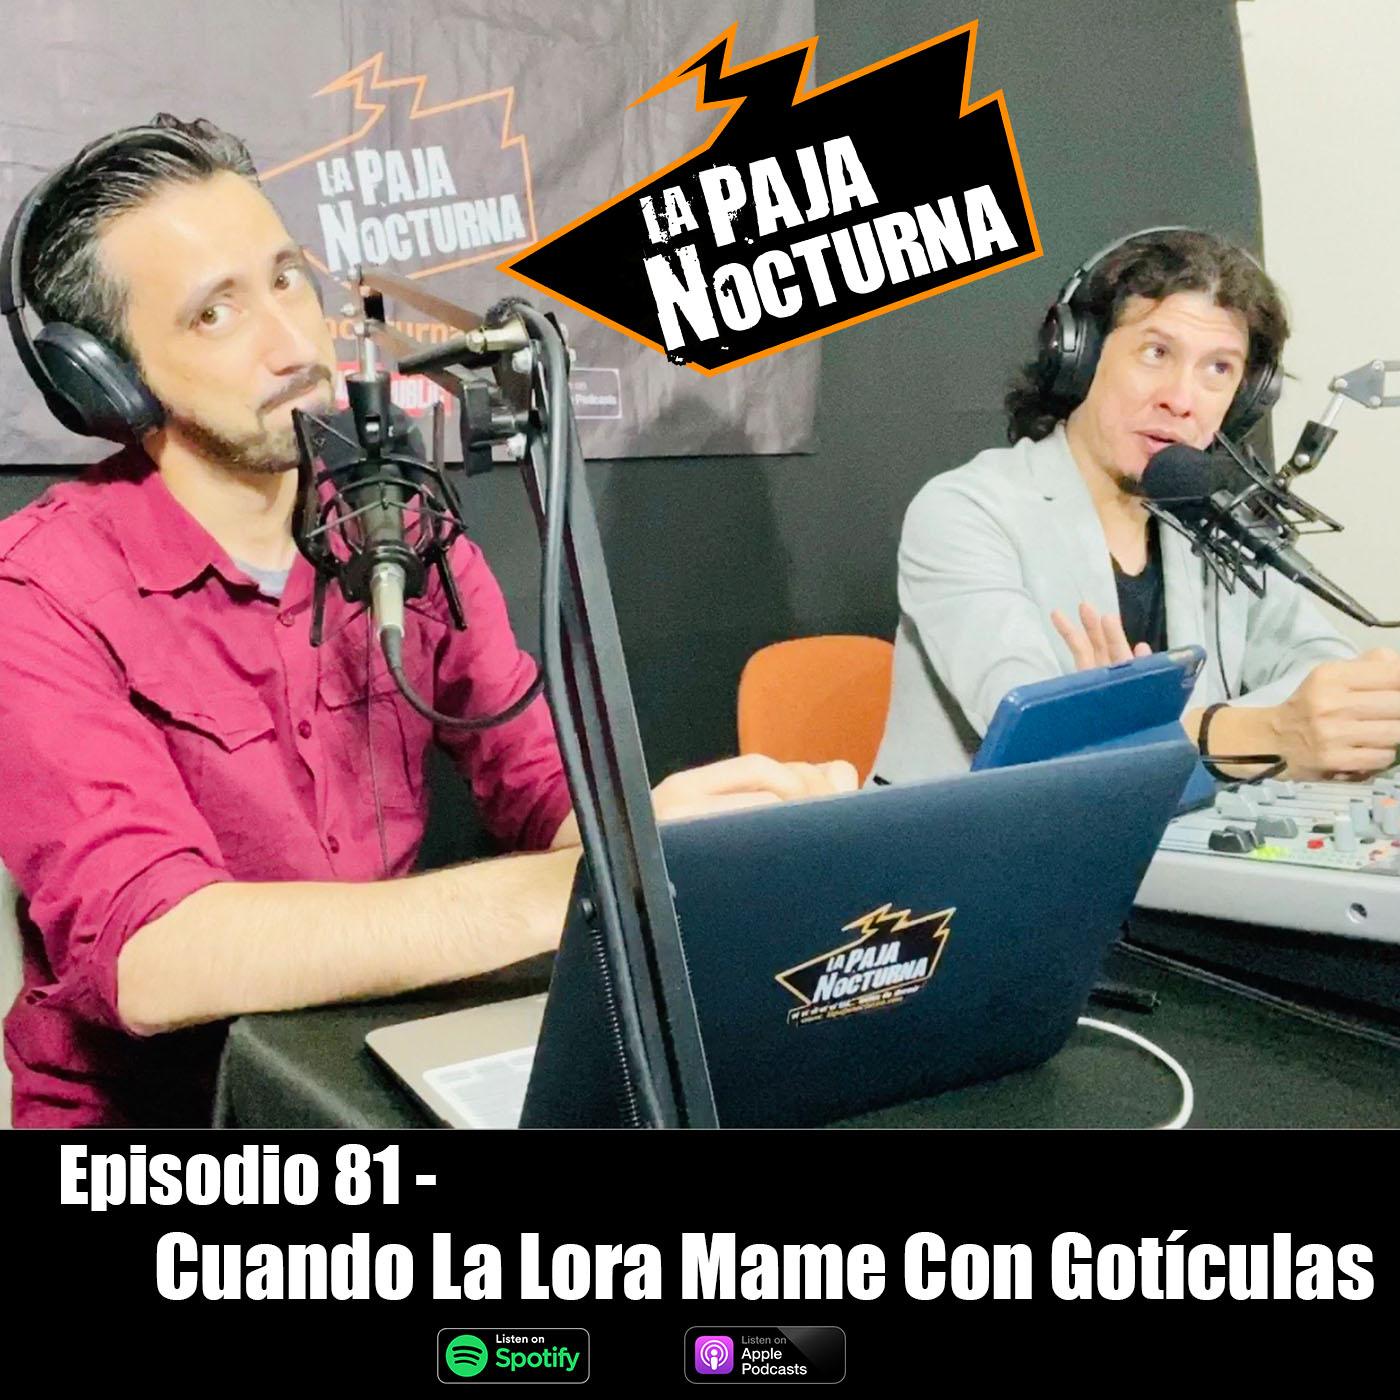 La paja nocturna podcast Episodio 81